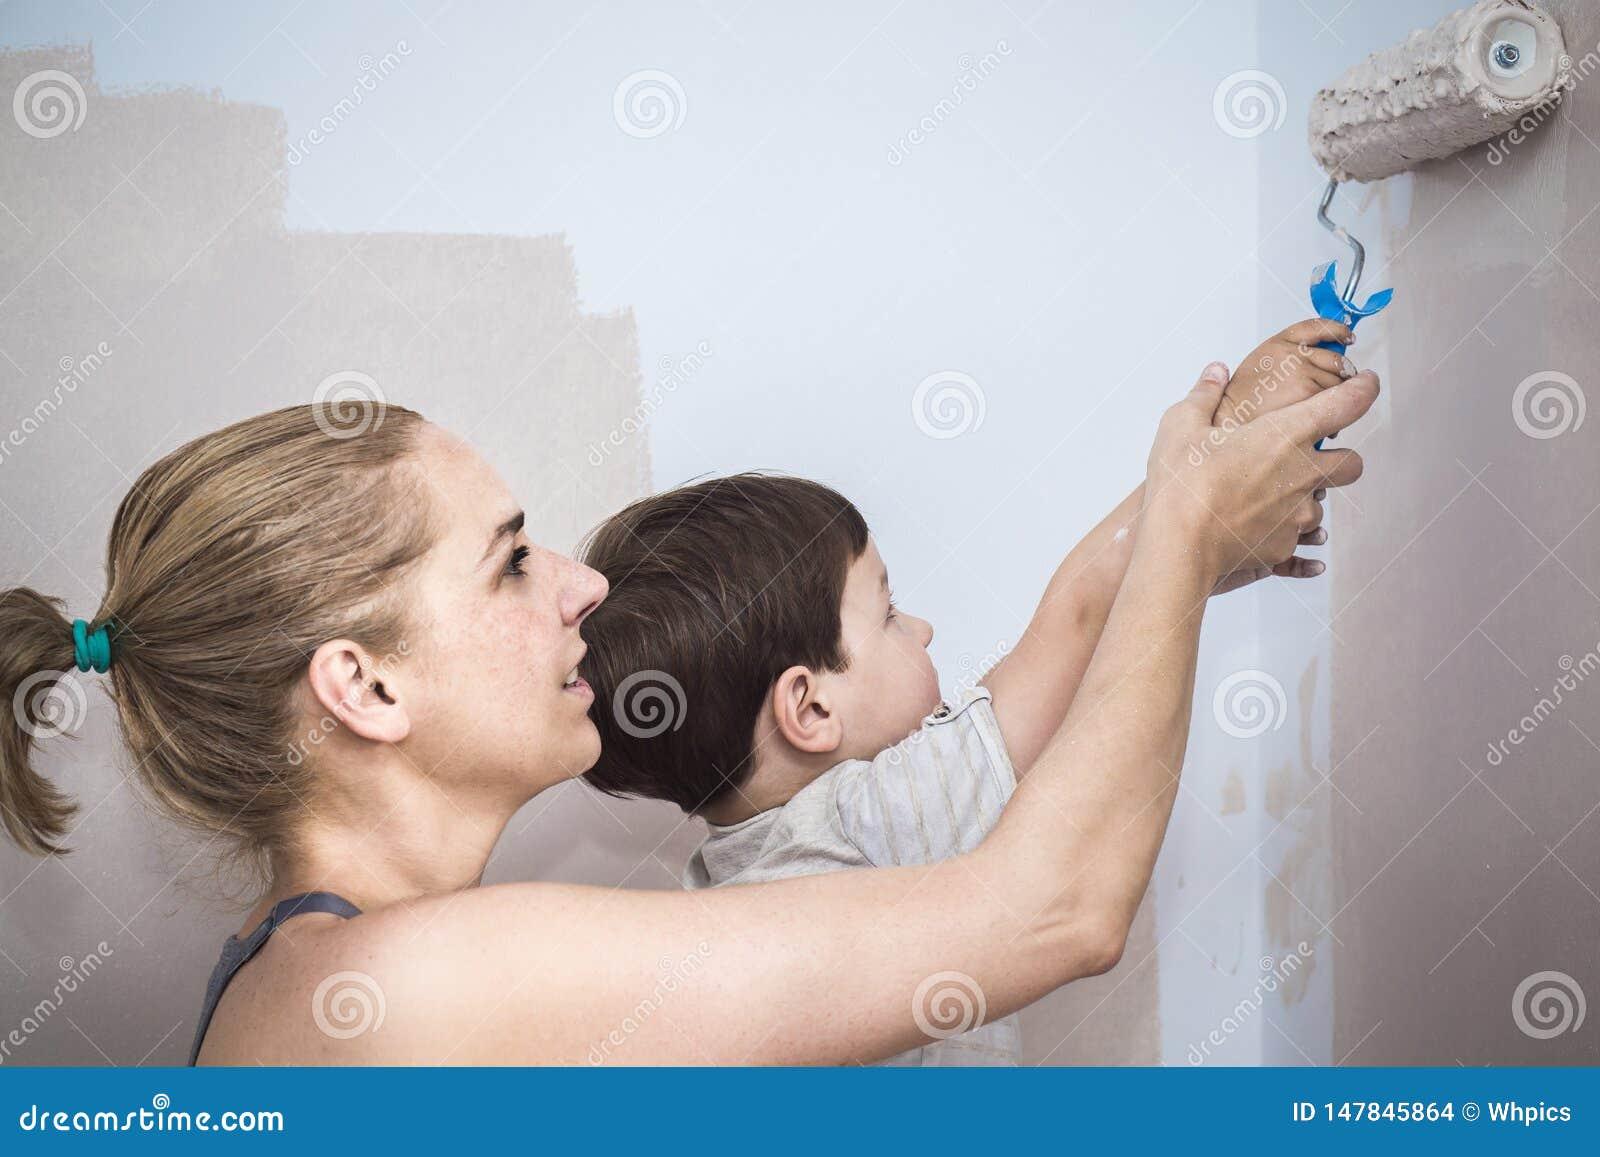 Mam teachs jej 3 roku syna obrazu z rolownikiem w domu